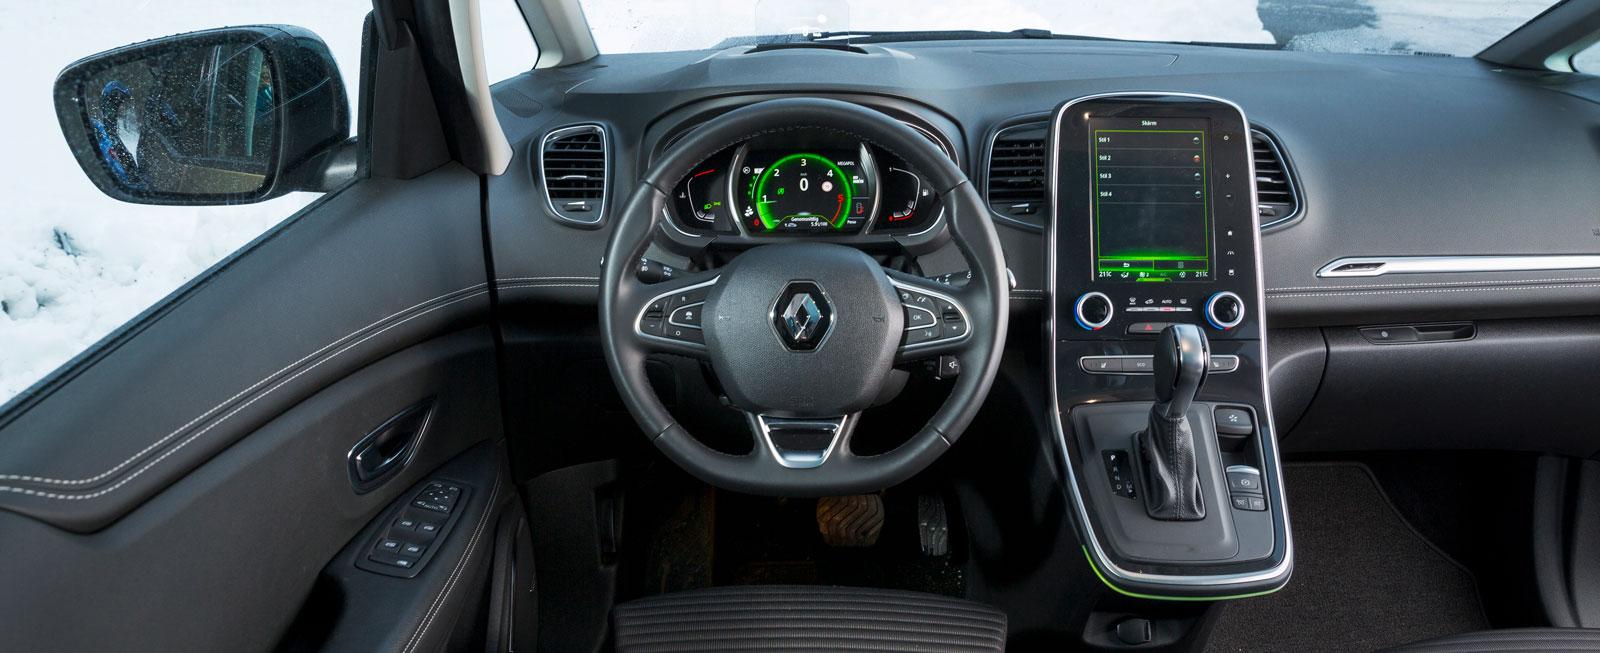 Förarmiljön ser ut som i alla andra nya Renault-modeller det senaste året. Lättöverskådlig, men de digitala menyerna är onödigt tillkrånglade.